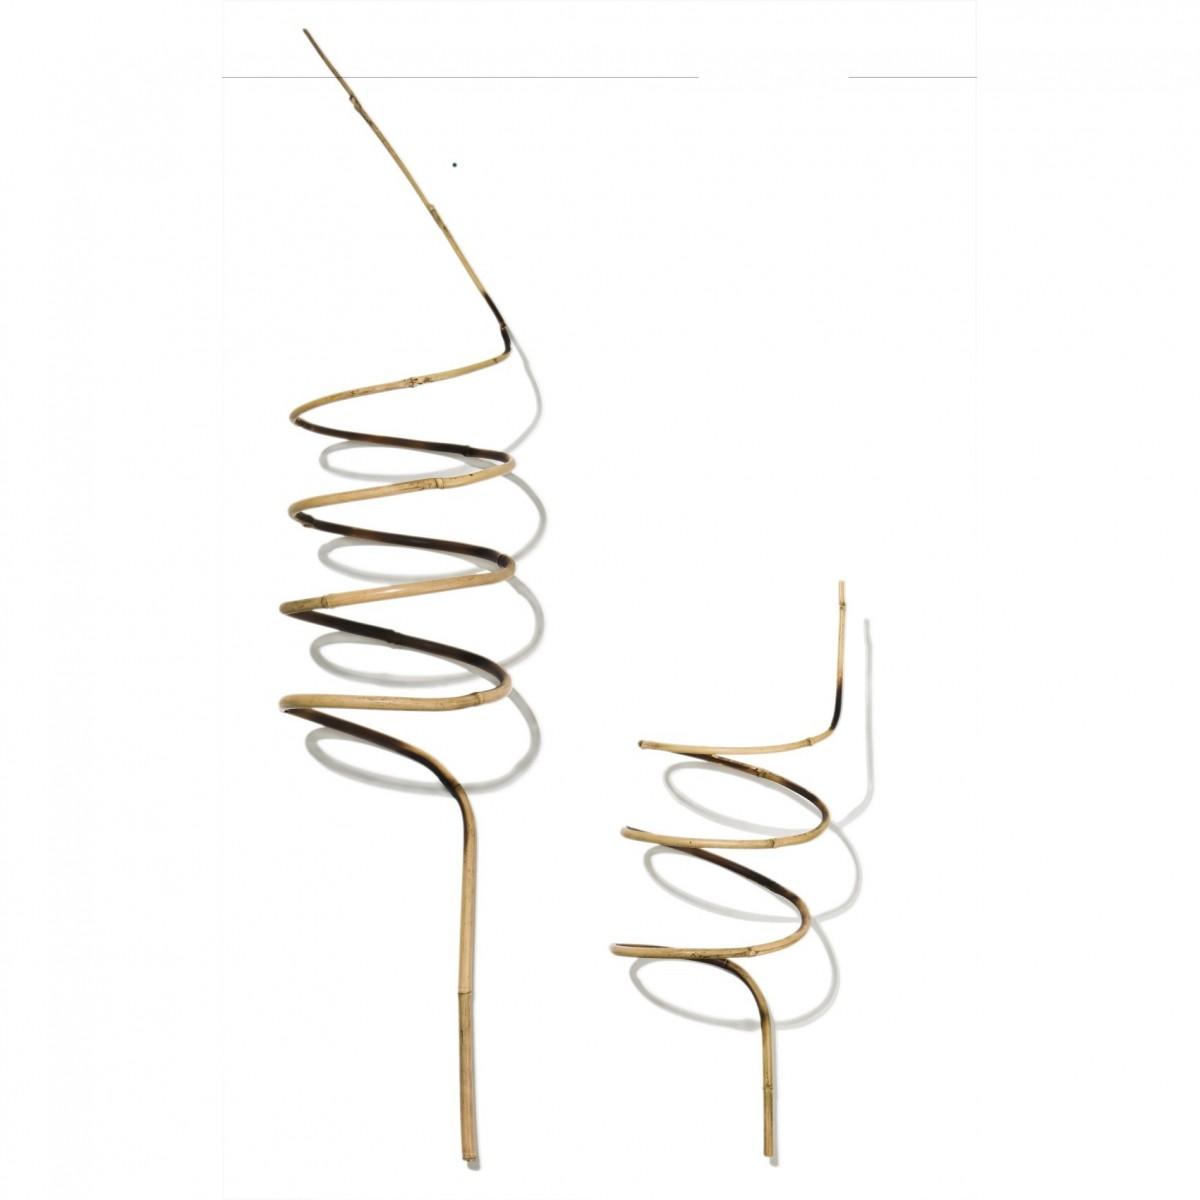 spirale en bambou 60 cm achat vente tuteur bambou tuteur plante grimpante botanique editions. Black Bedroom Furniture Sets. Home Design Ideas